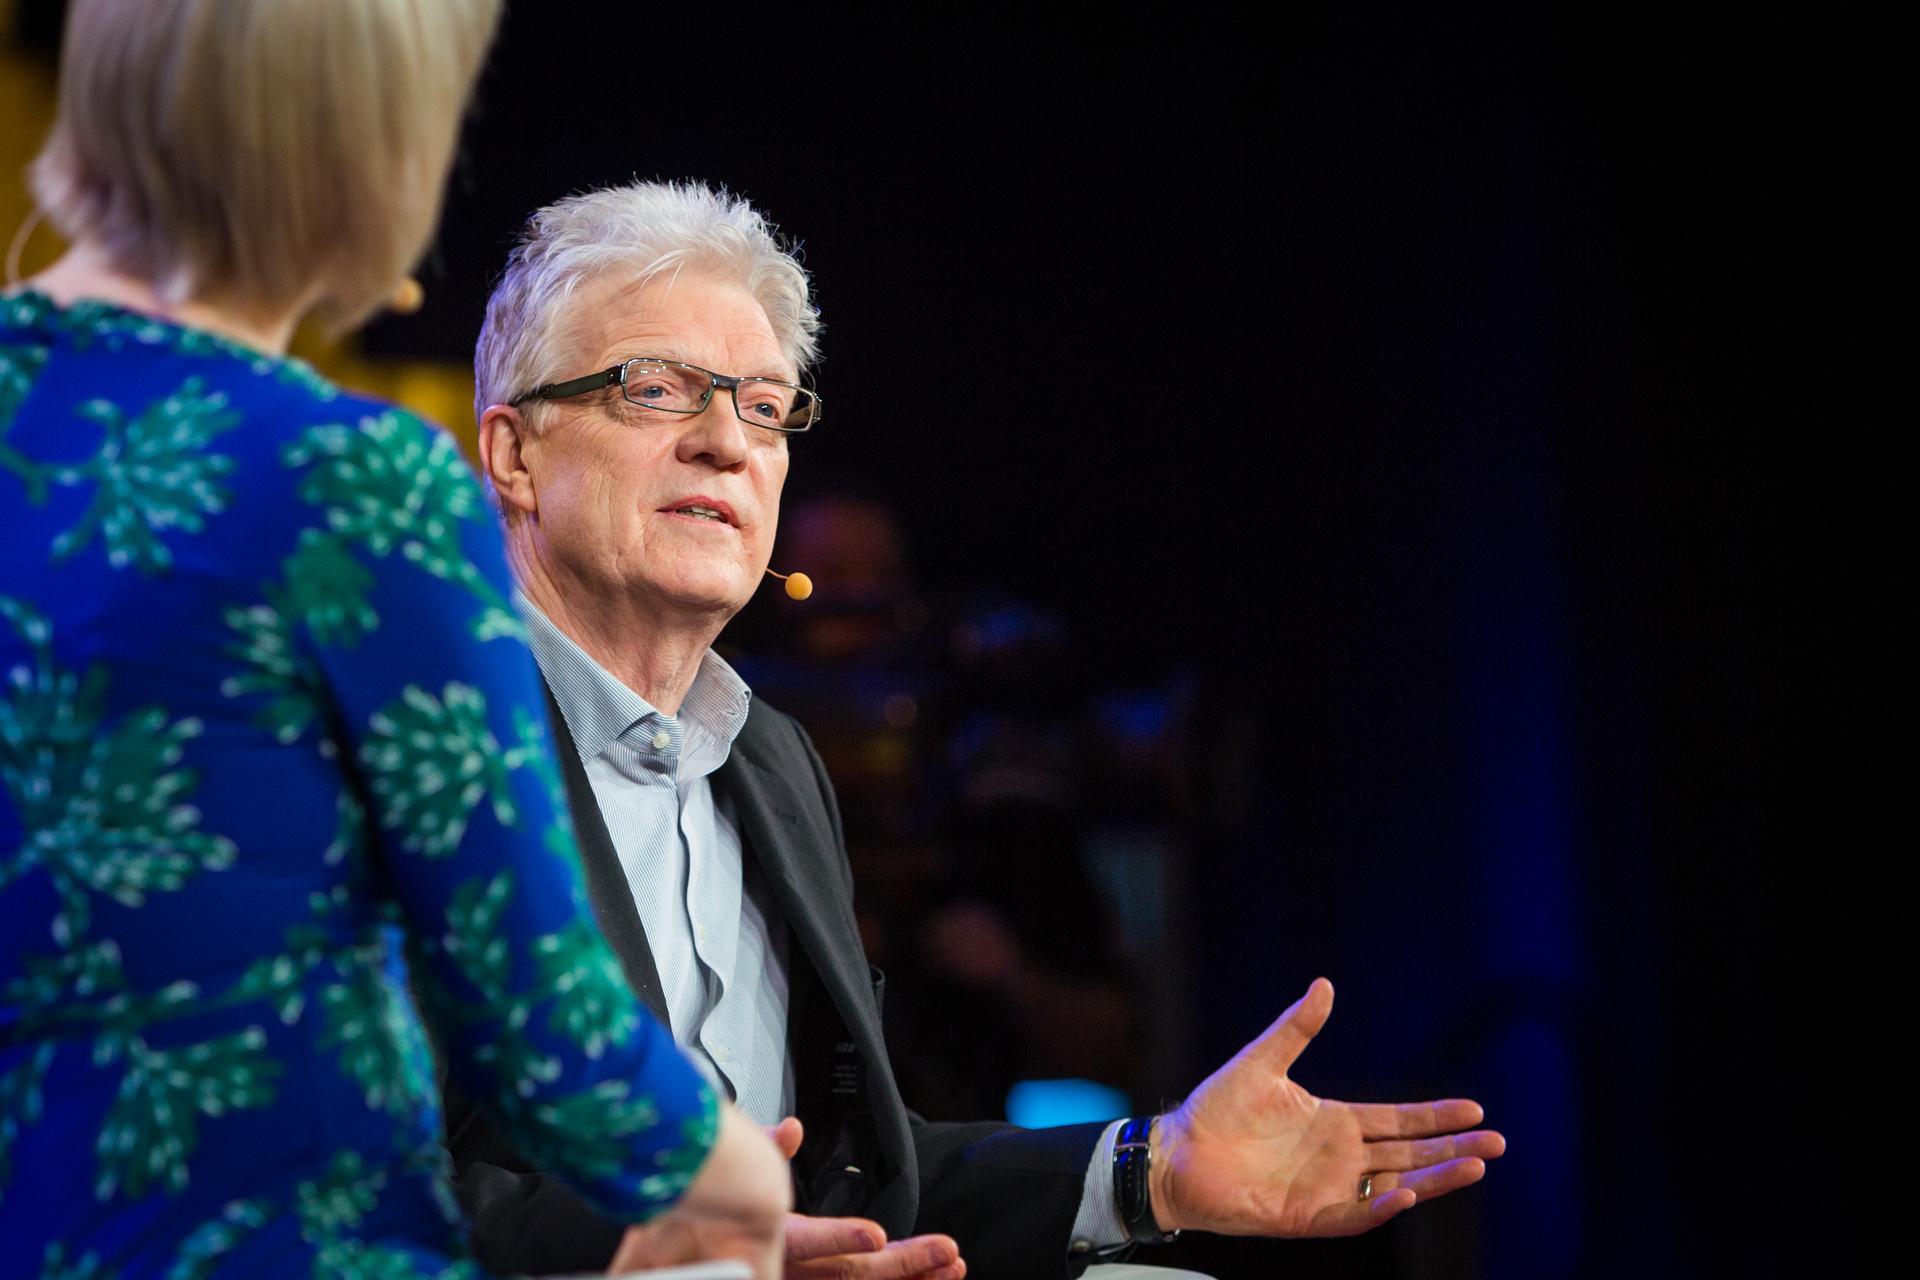 Sir Ken Robinson. Photo: Ryan Lash